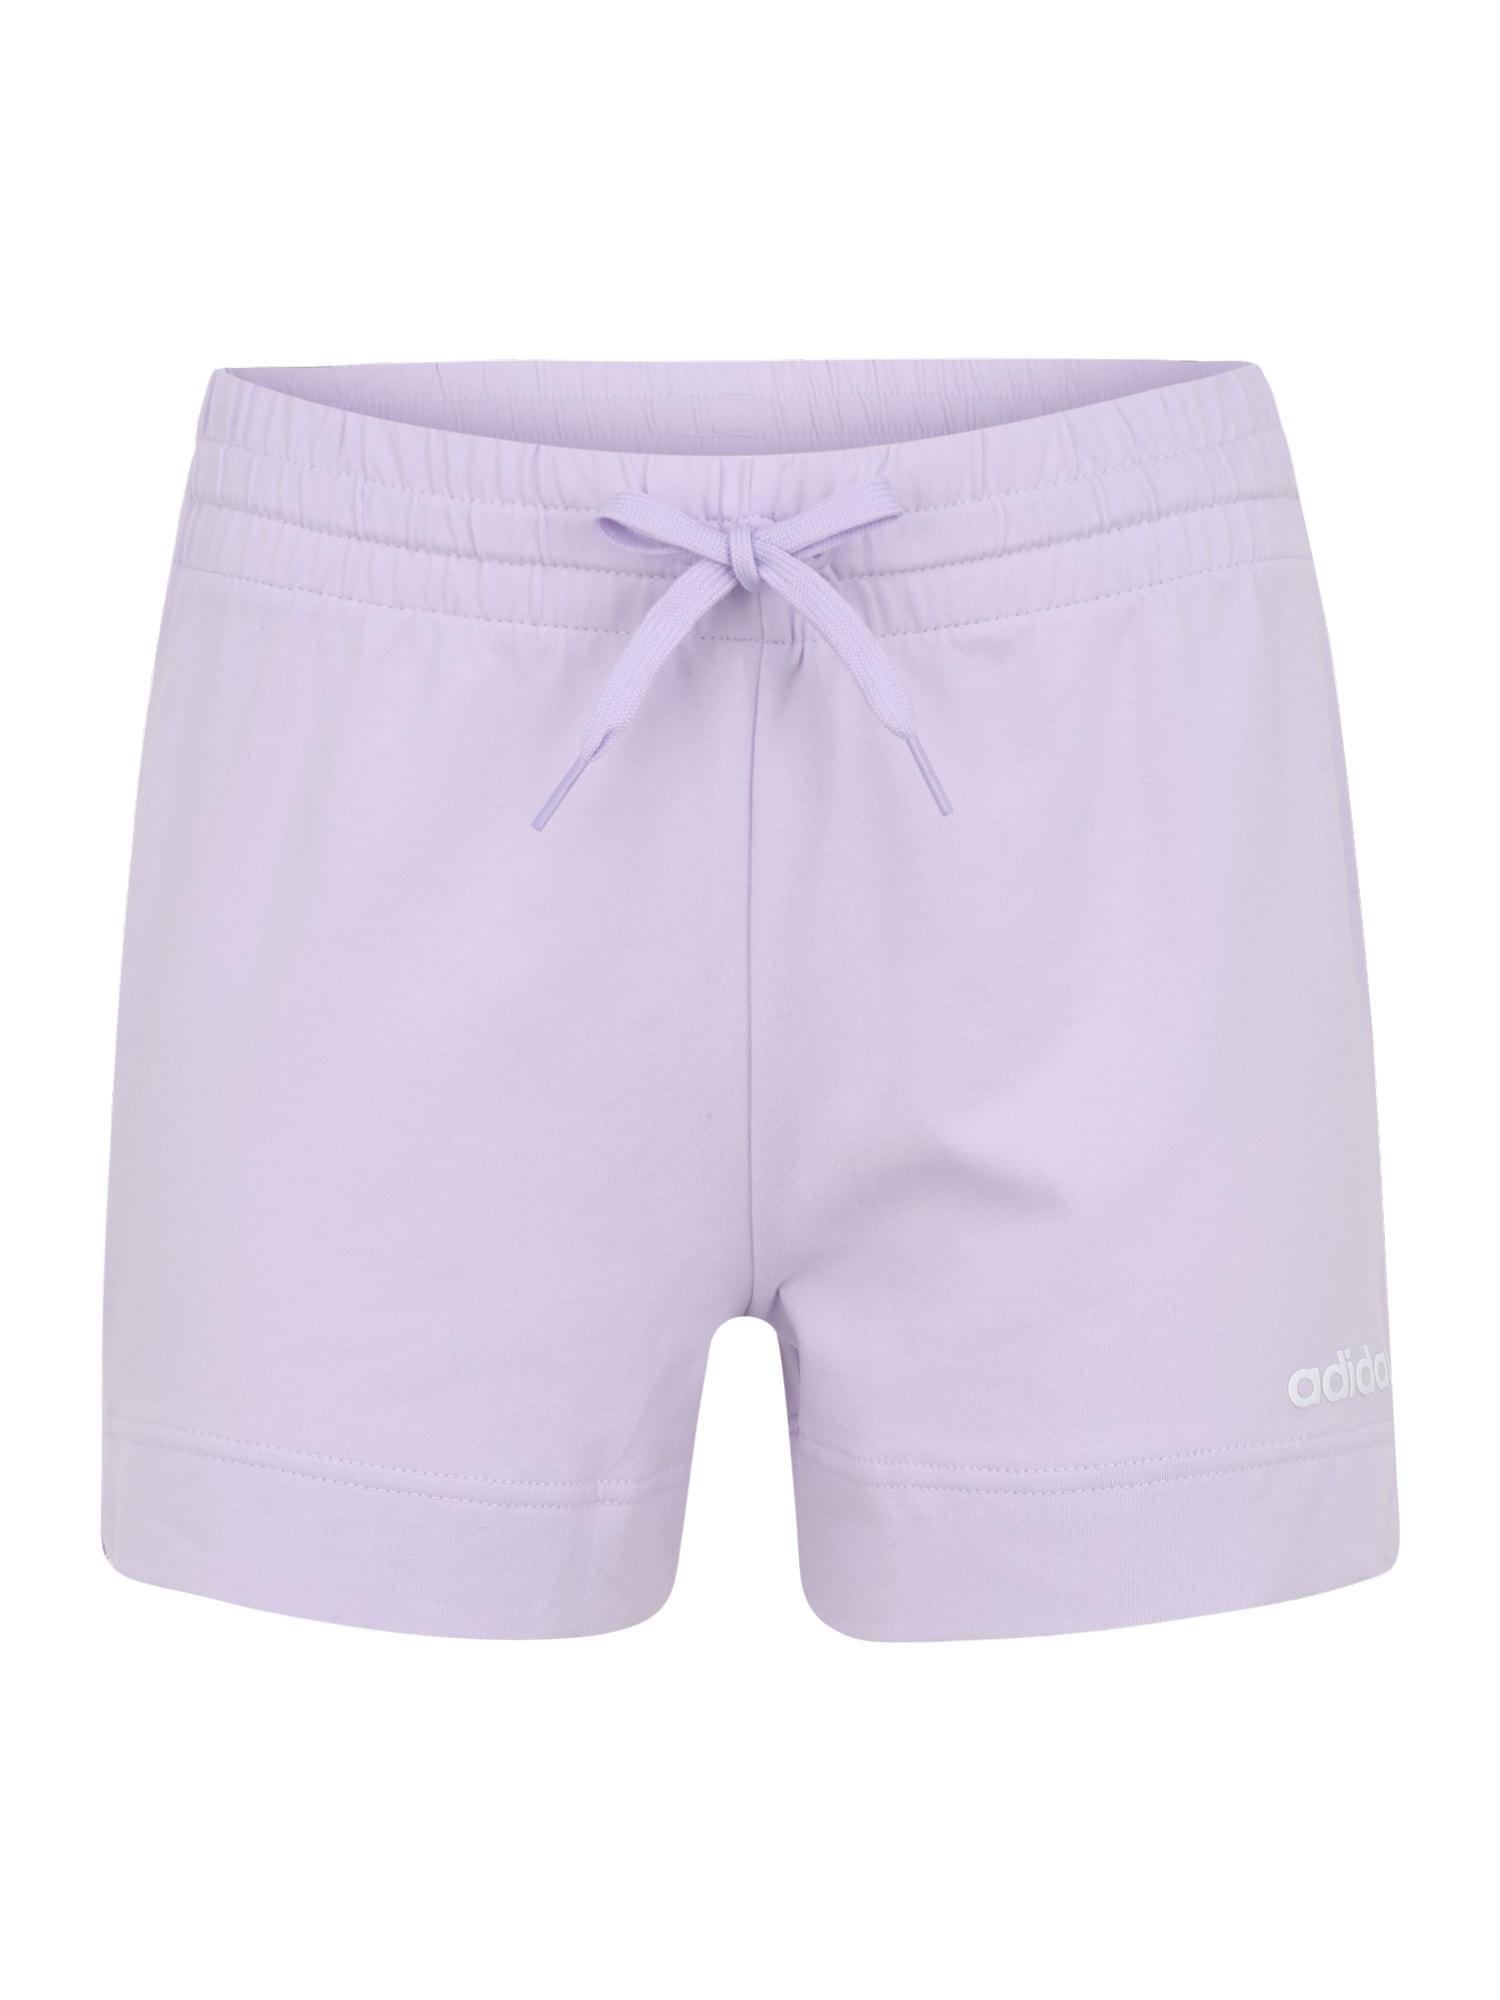 ADIDAS PERFORMANCE Sportinės kelnės 'W E 3S' alyvinė spalva